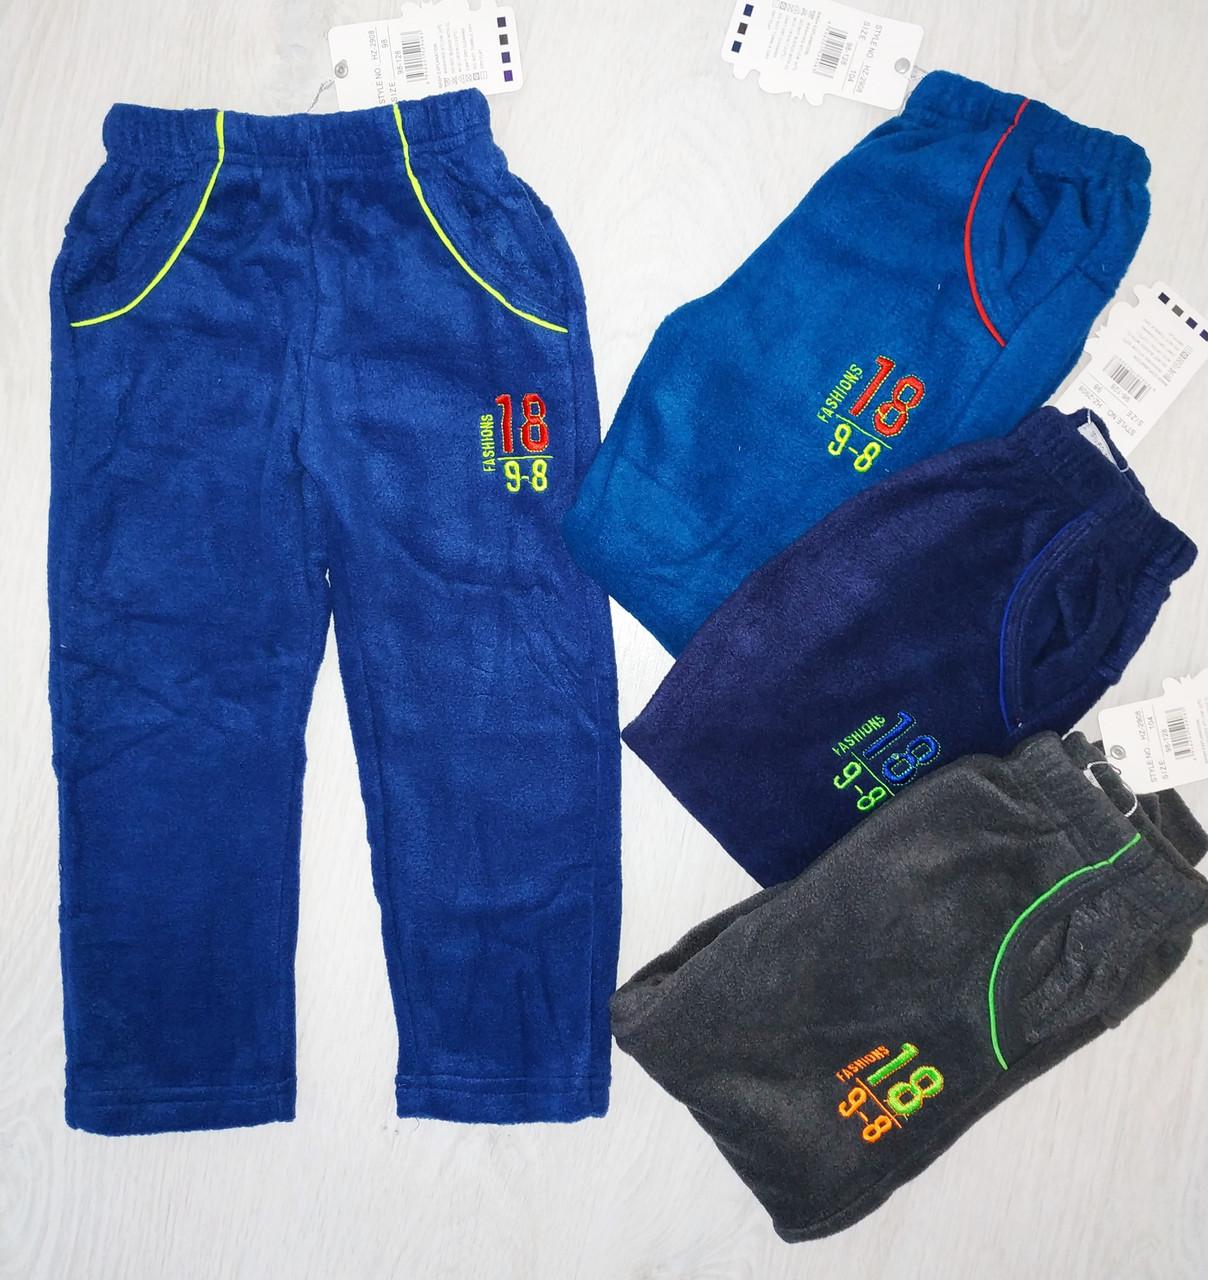 Спорт  штаны  флисовые для мальчика,  Венгрия, рр. 98,104, арт. 2908,